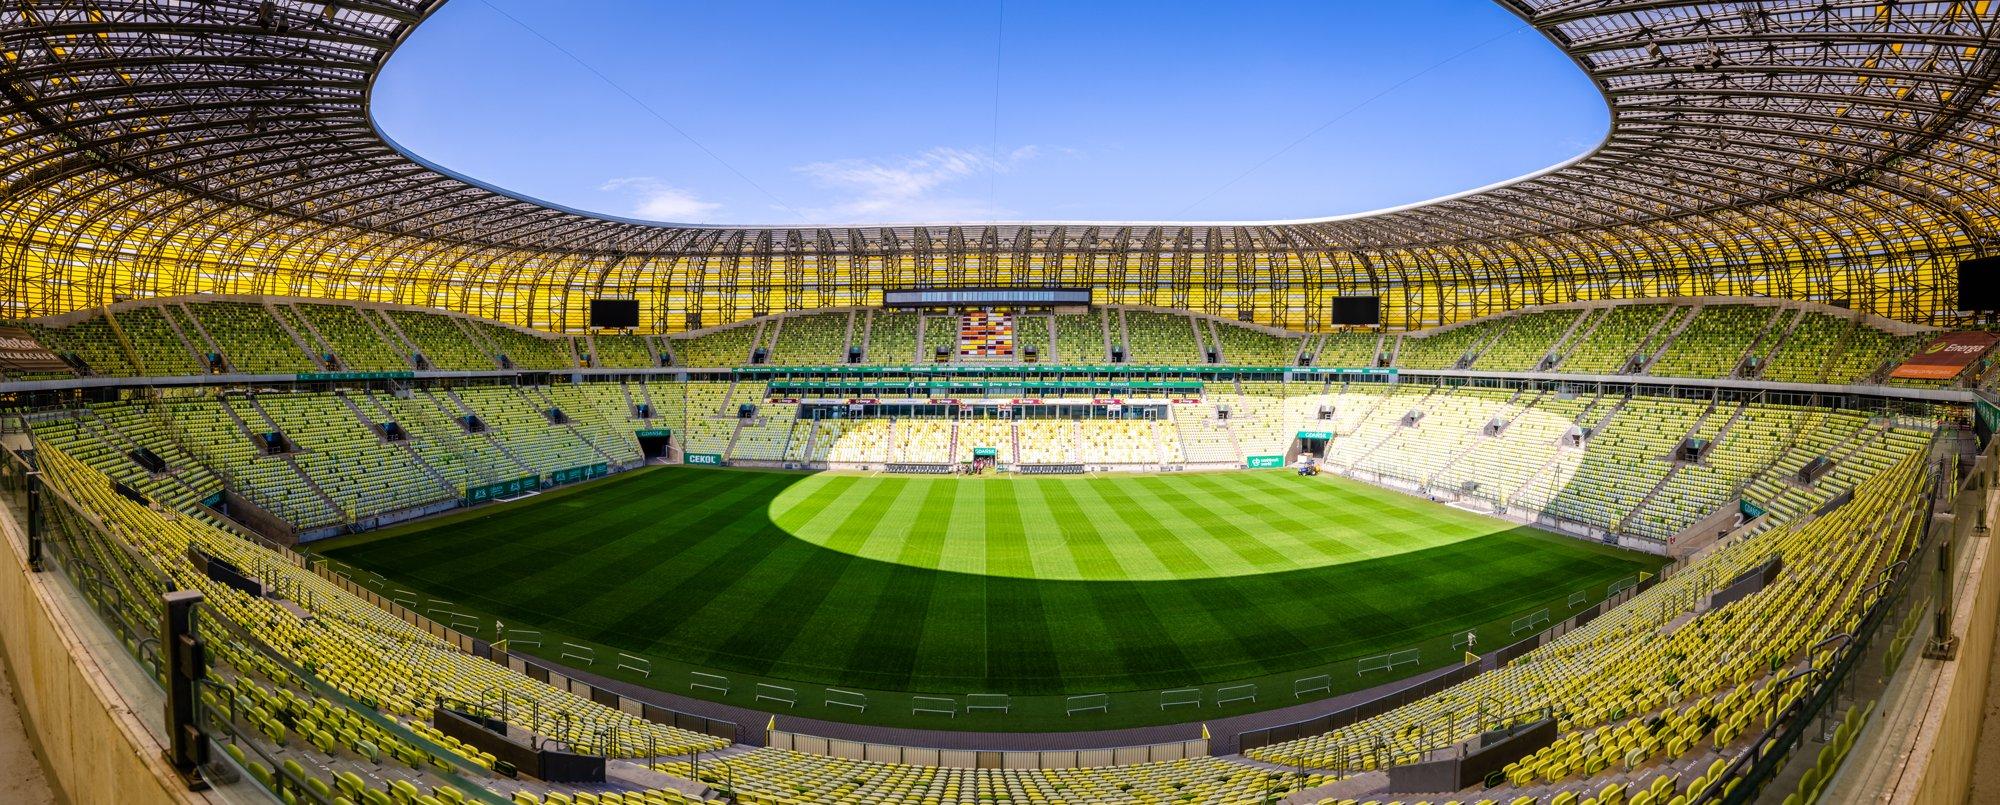 Stadion Gdańsk, miejsce finału Ligi Europy 2021